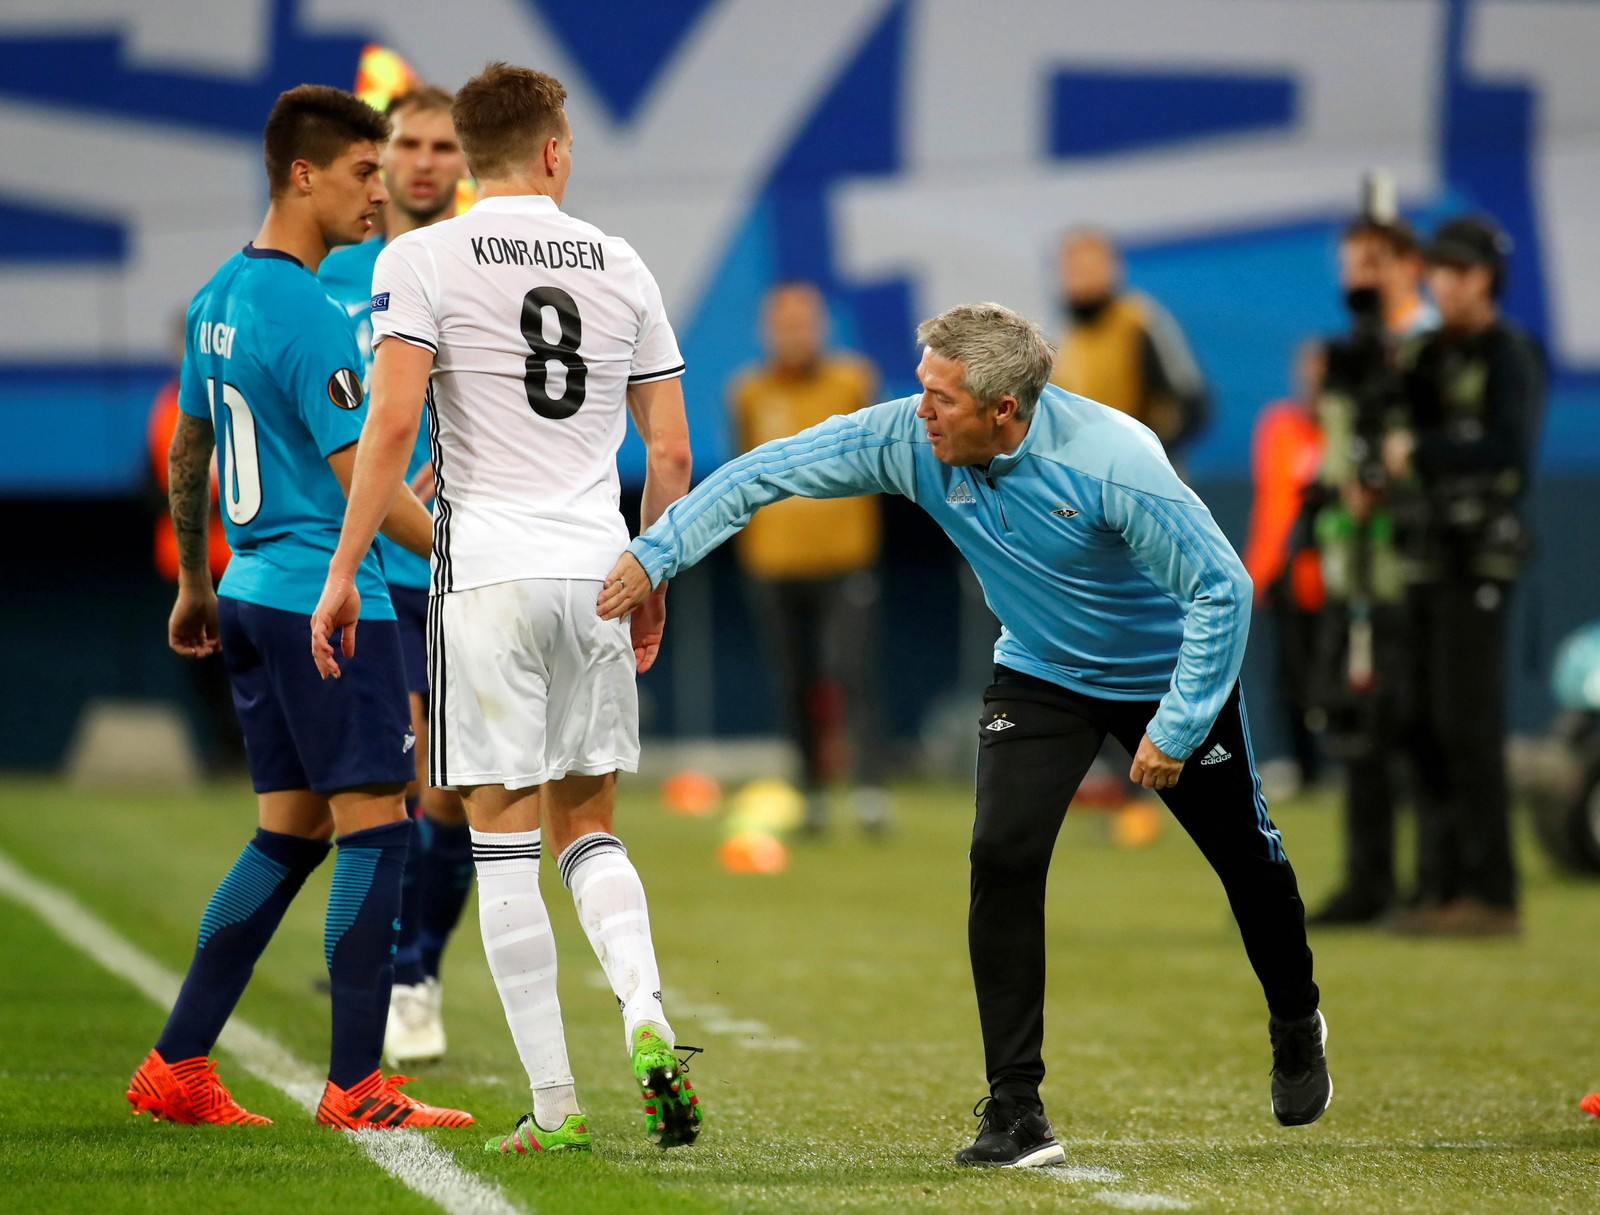 Kåre Ingebrigtsen prøver seg muligens med et taktisk grep på baken til Anders Konradsen. Det hjalp uansett lite. Rosenborg tapte kampen mot Zenit 3-1.